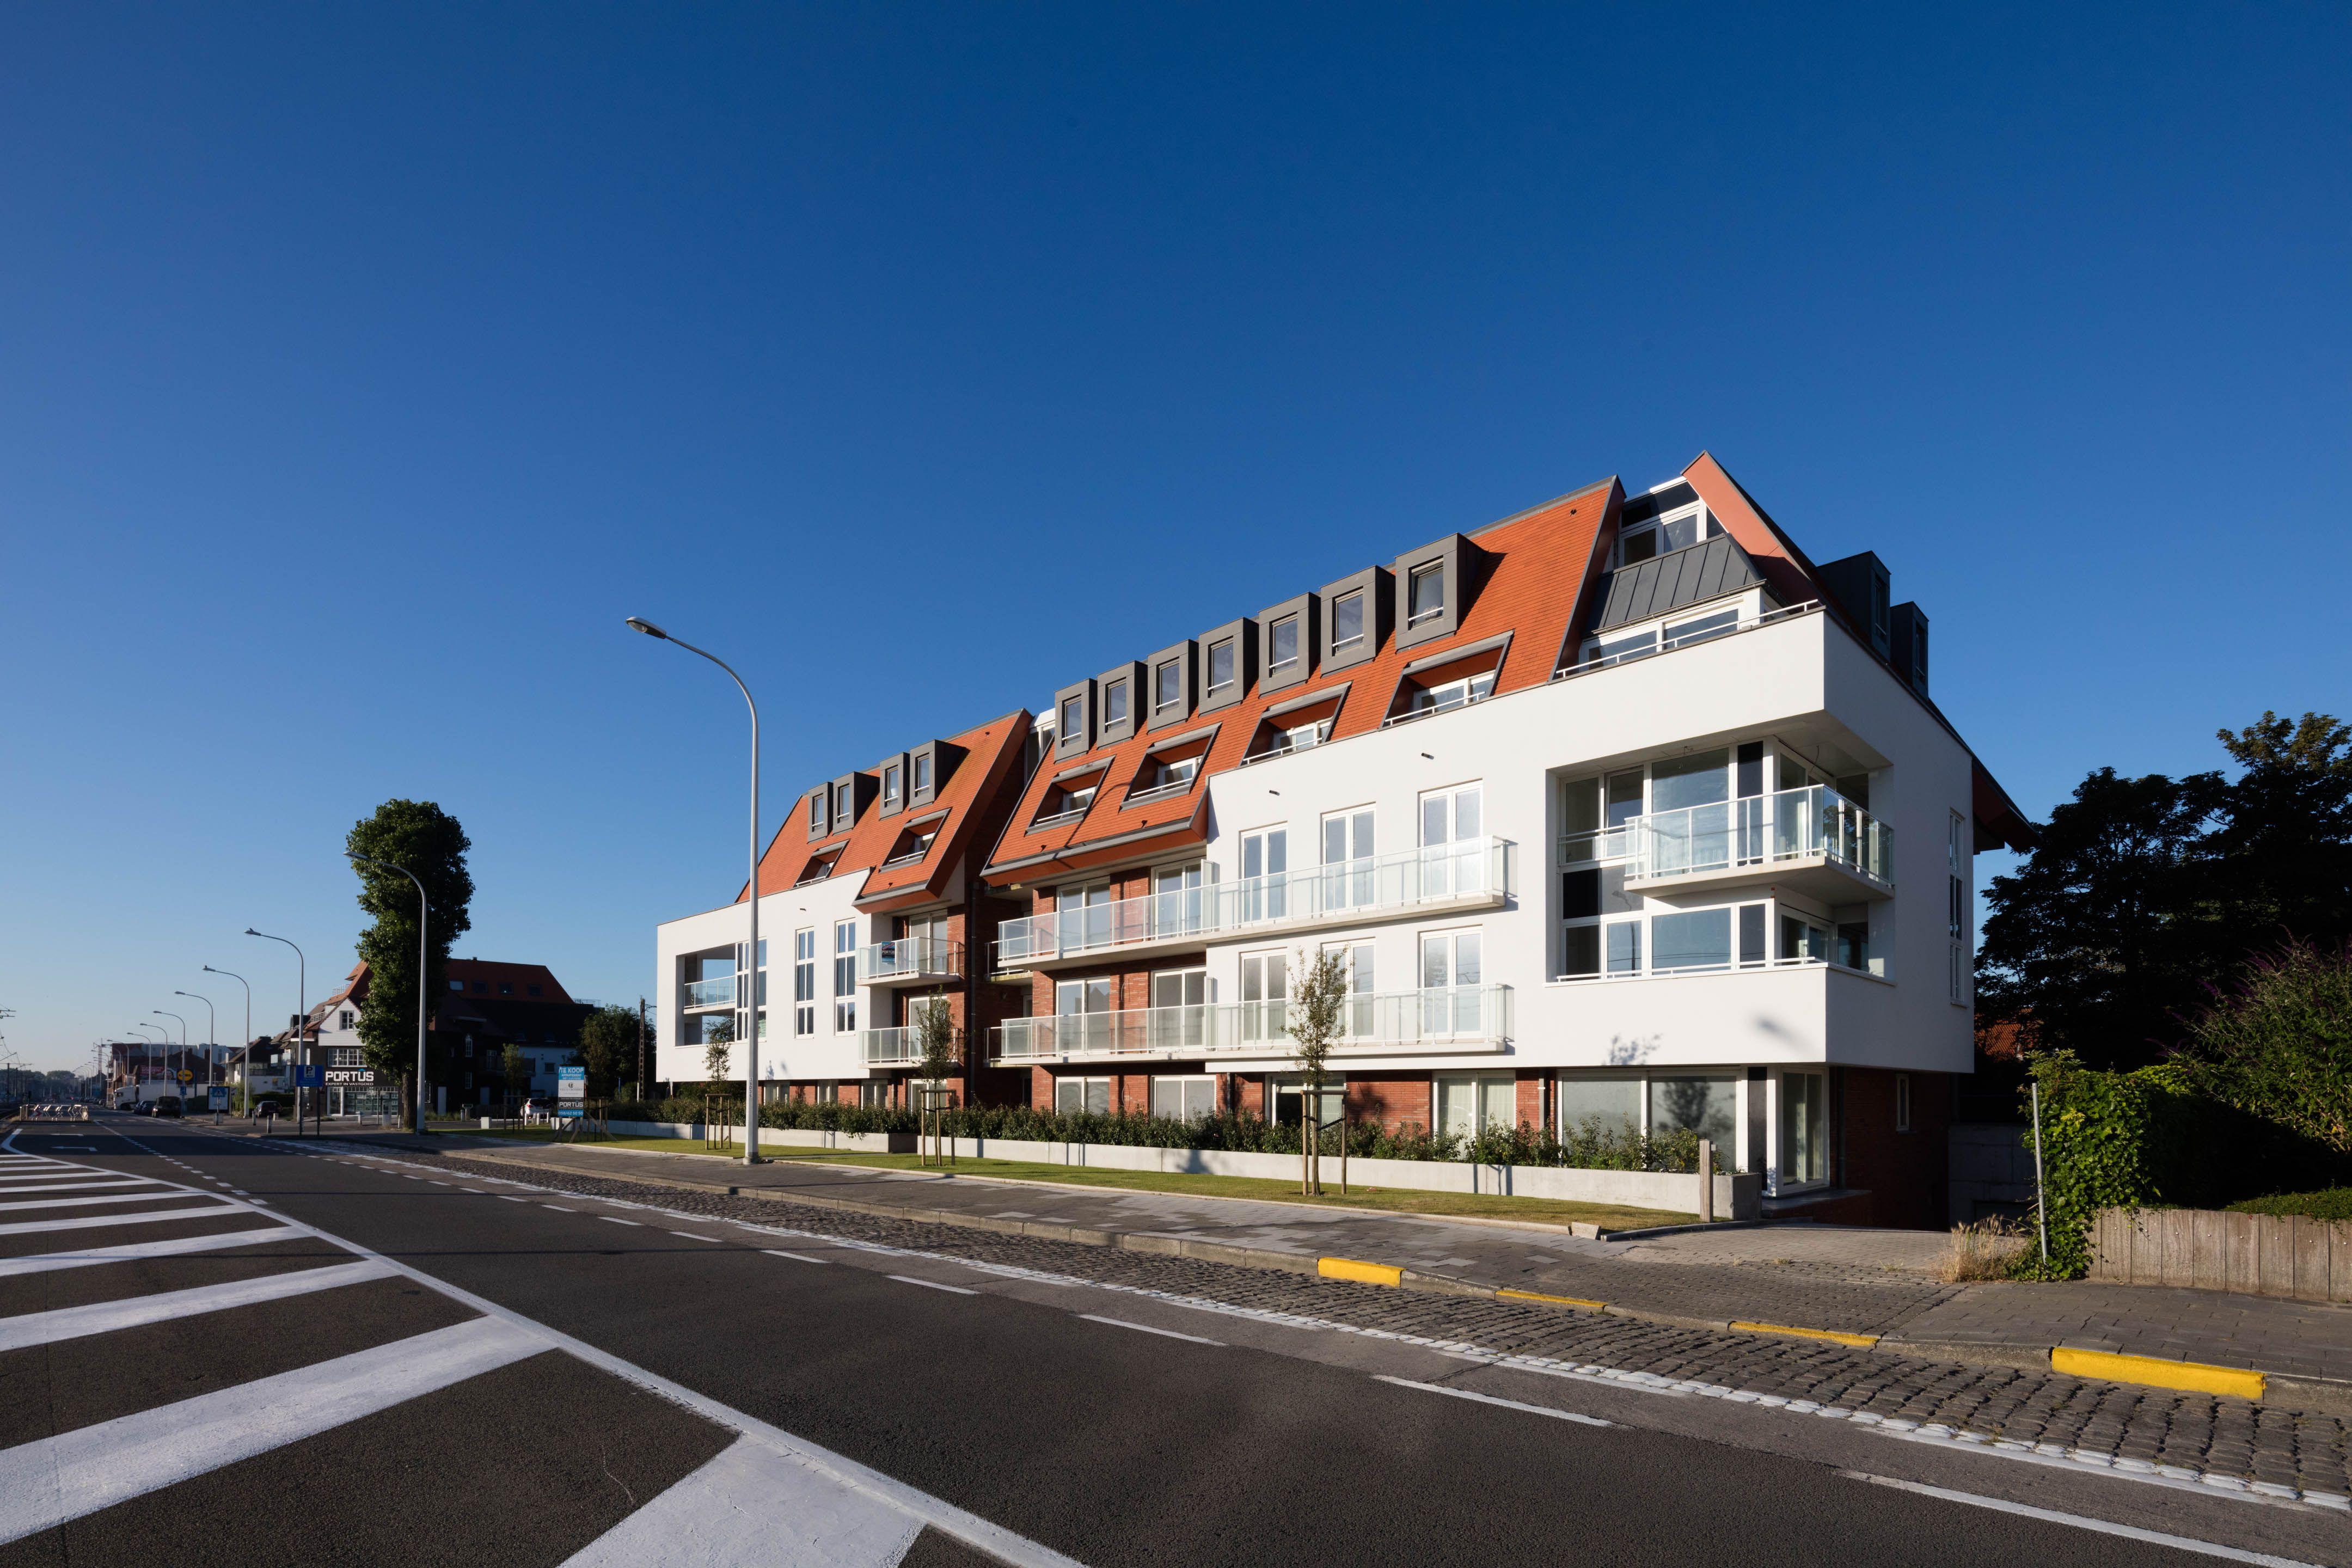 Appartement Residentie Villa Crombez Nieuwpoort - 9293